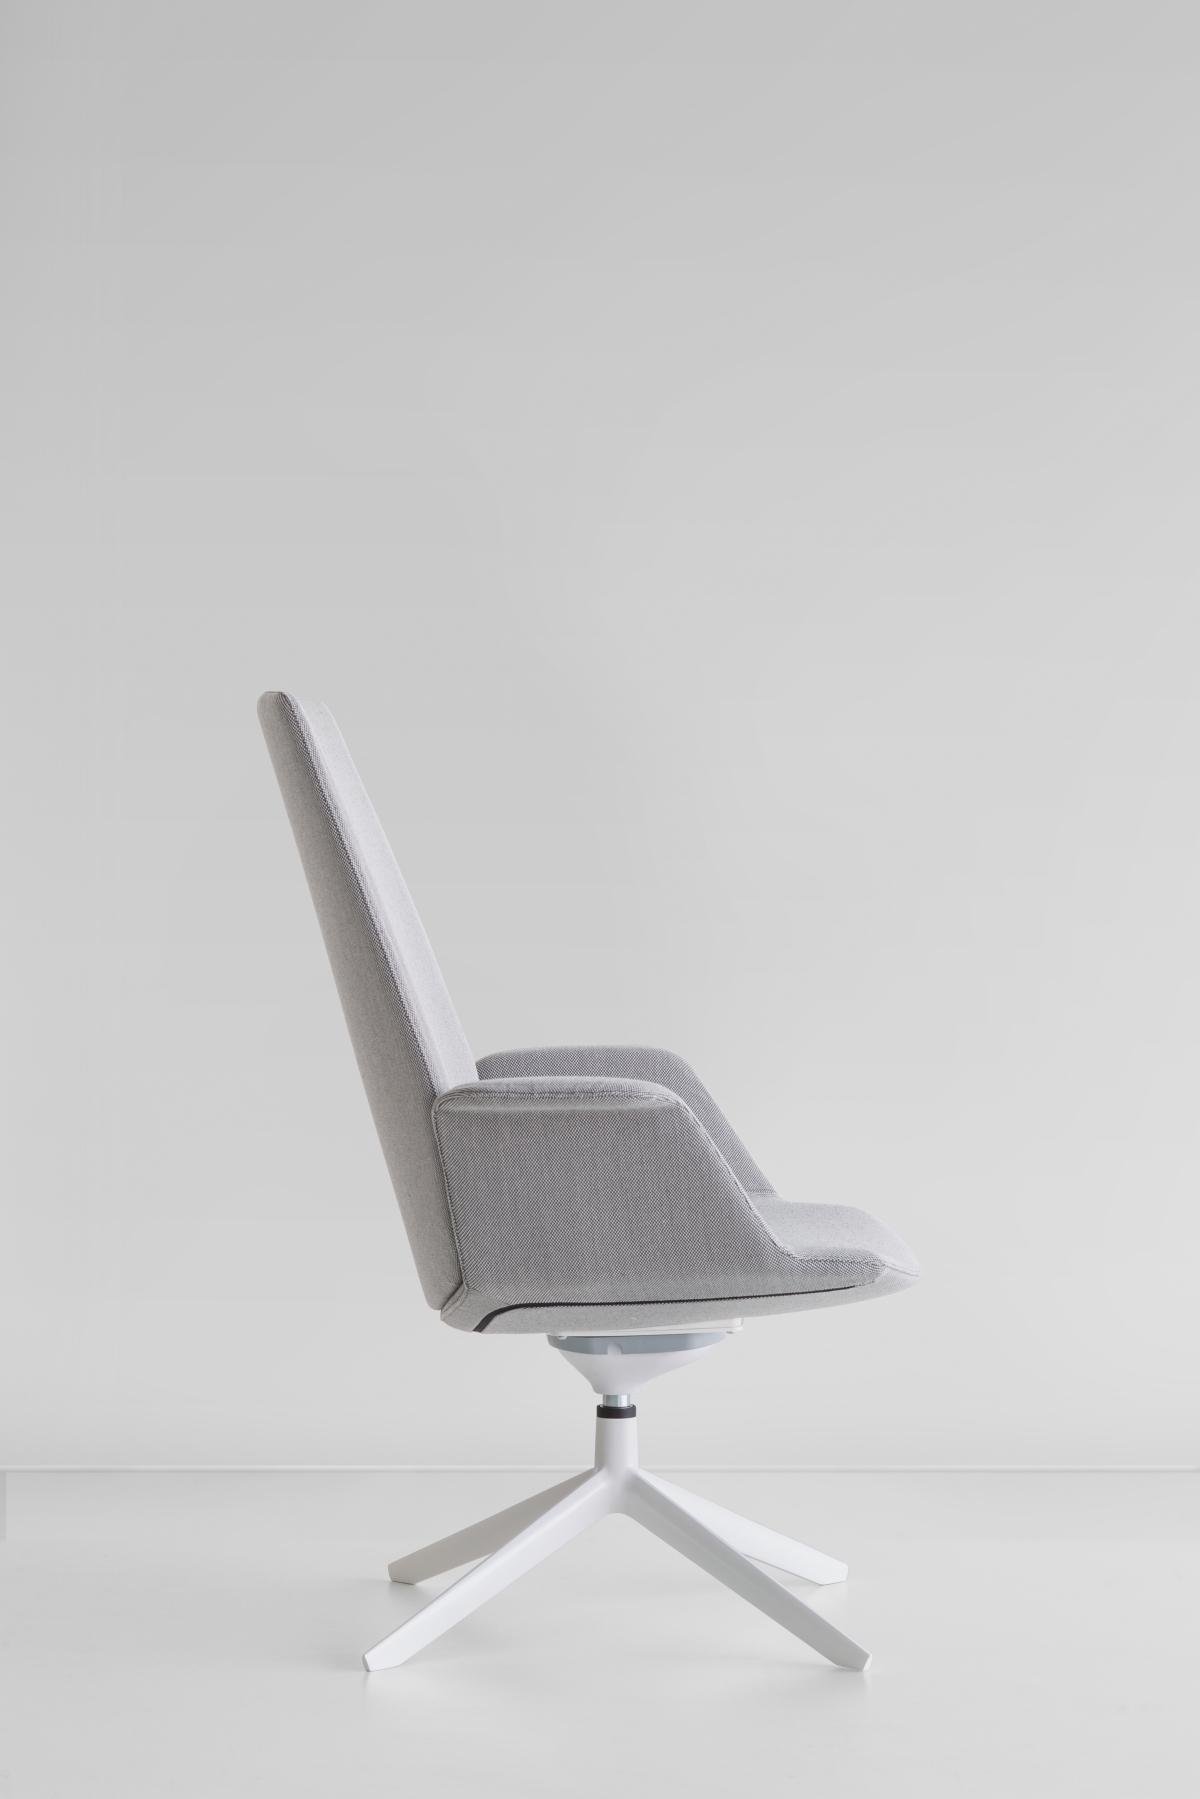 Μια σπονδυλωτή καθίσματα, Francesco Rota για lapalma, πλάγια όψη